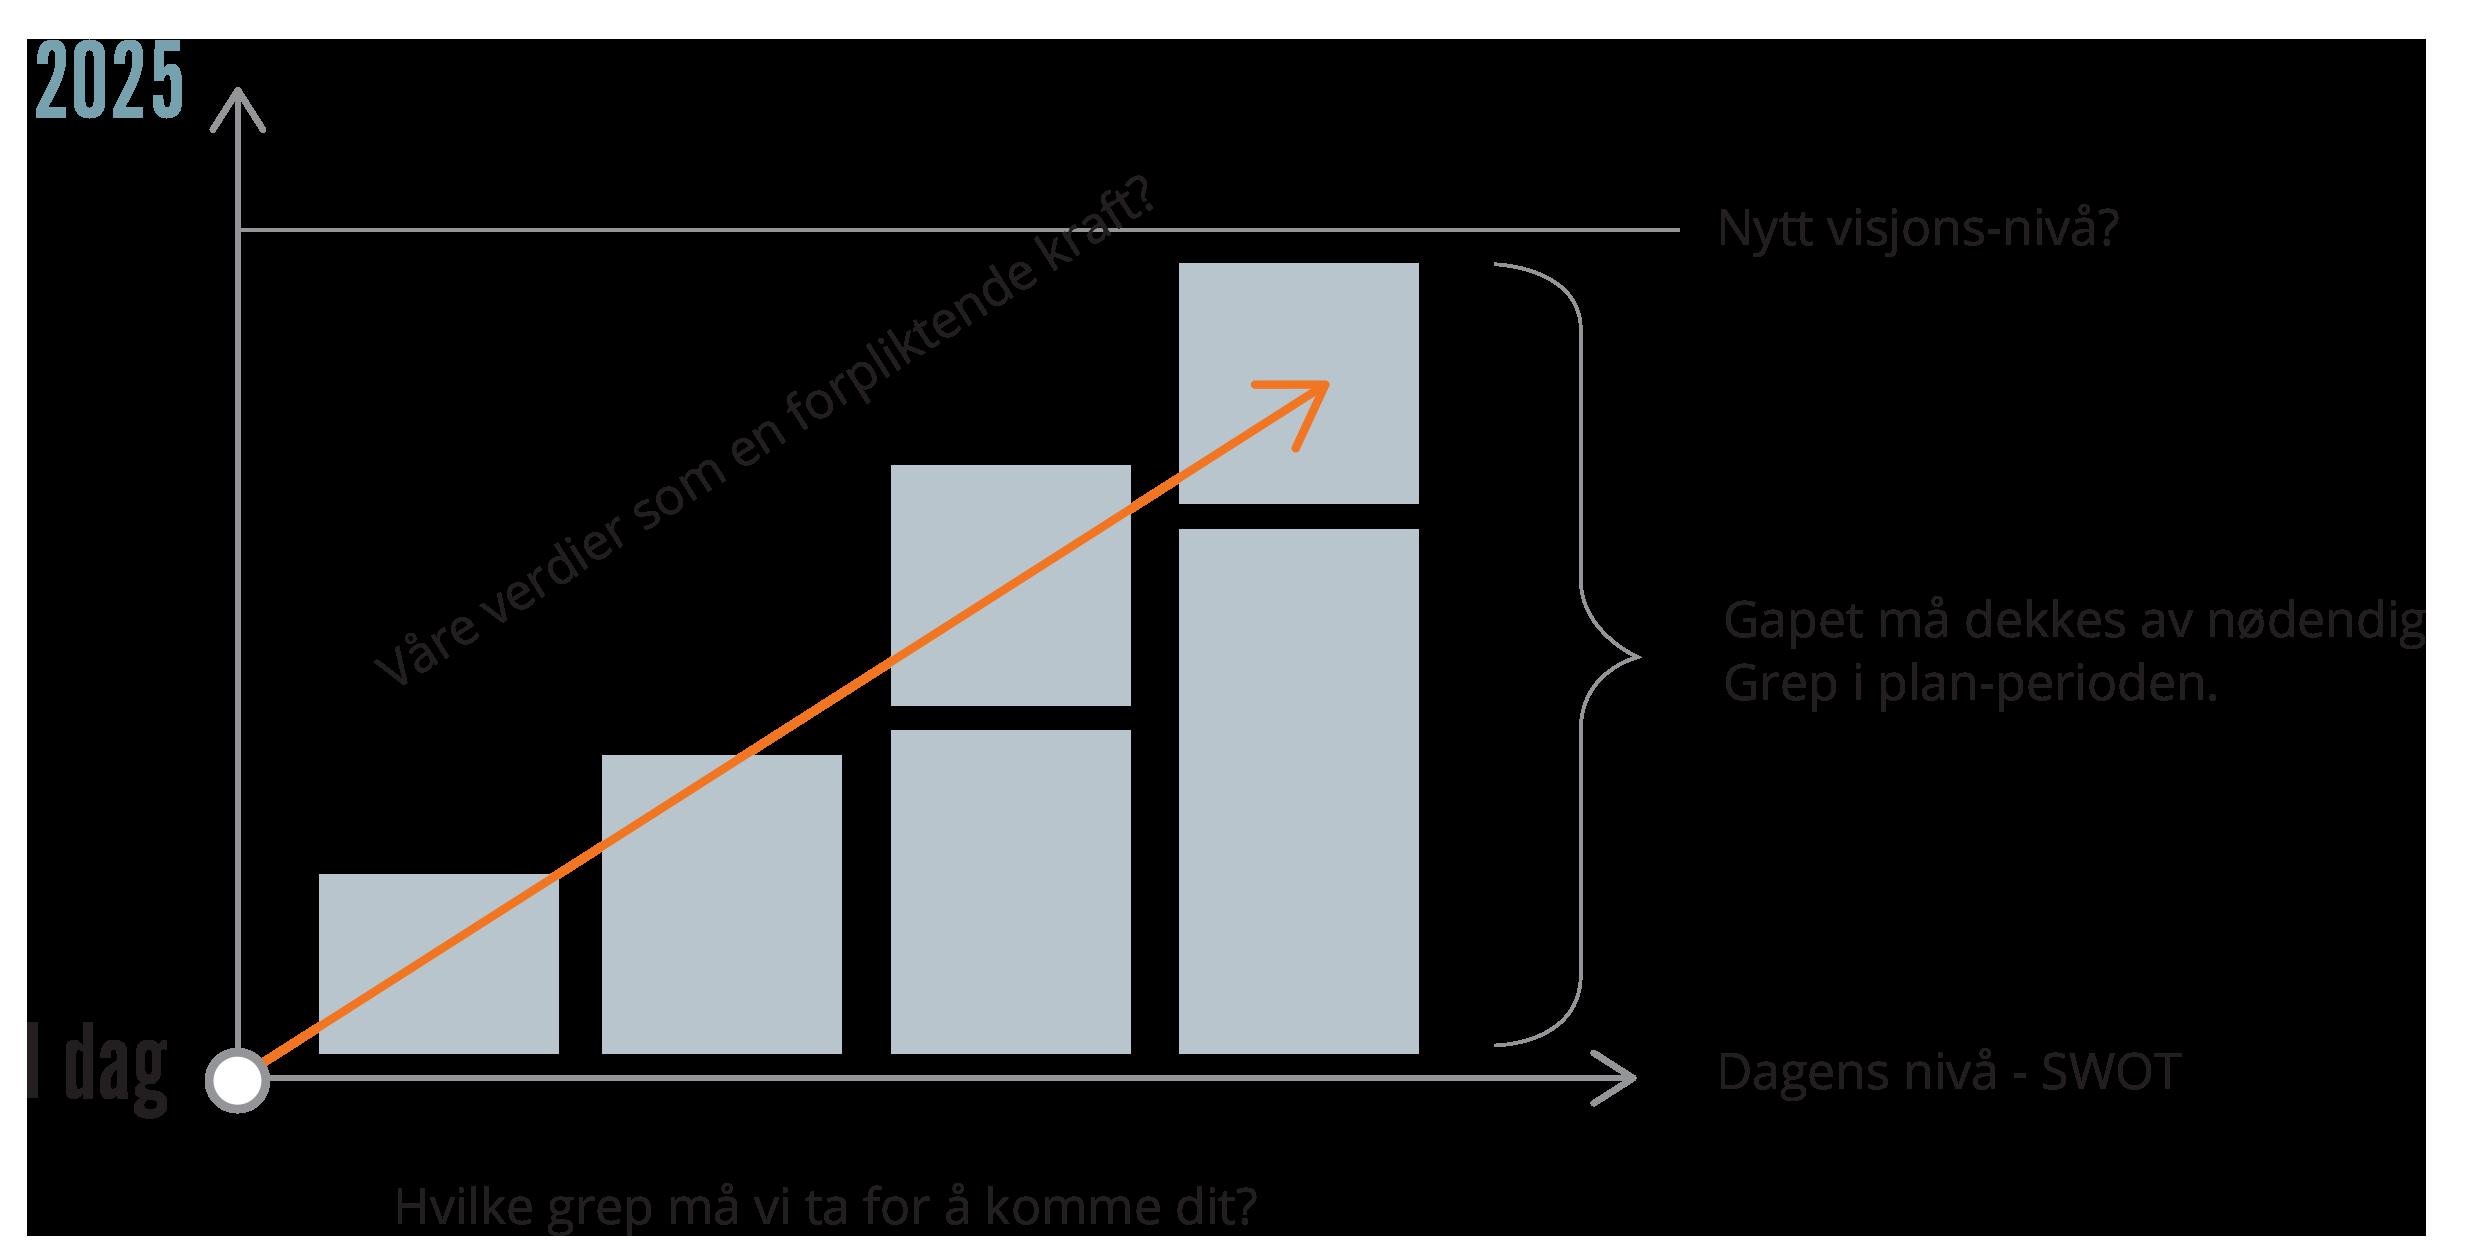 Graf som illustrerer hvilke grep man må ta for å nå nytt visjons-nivå.